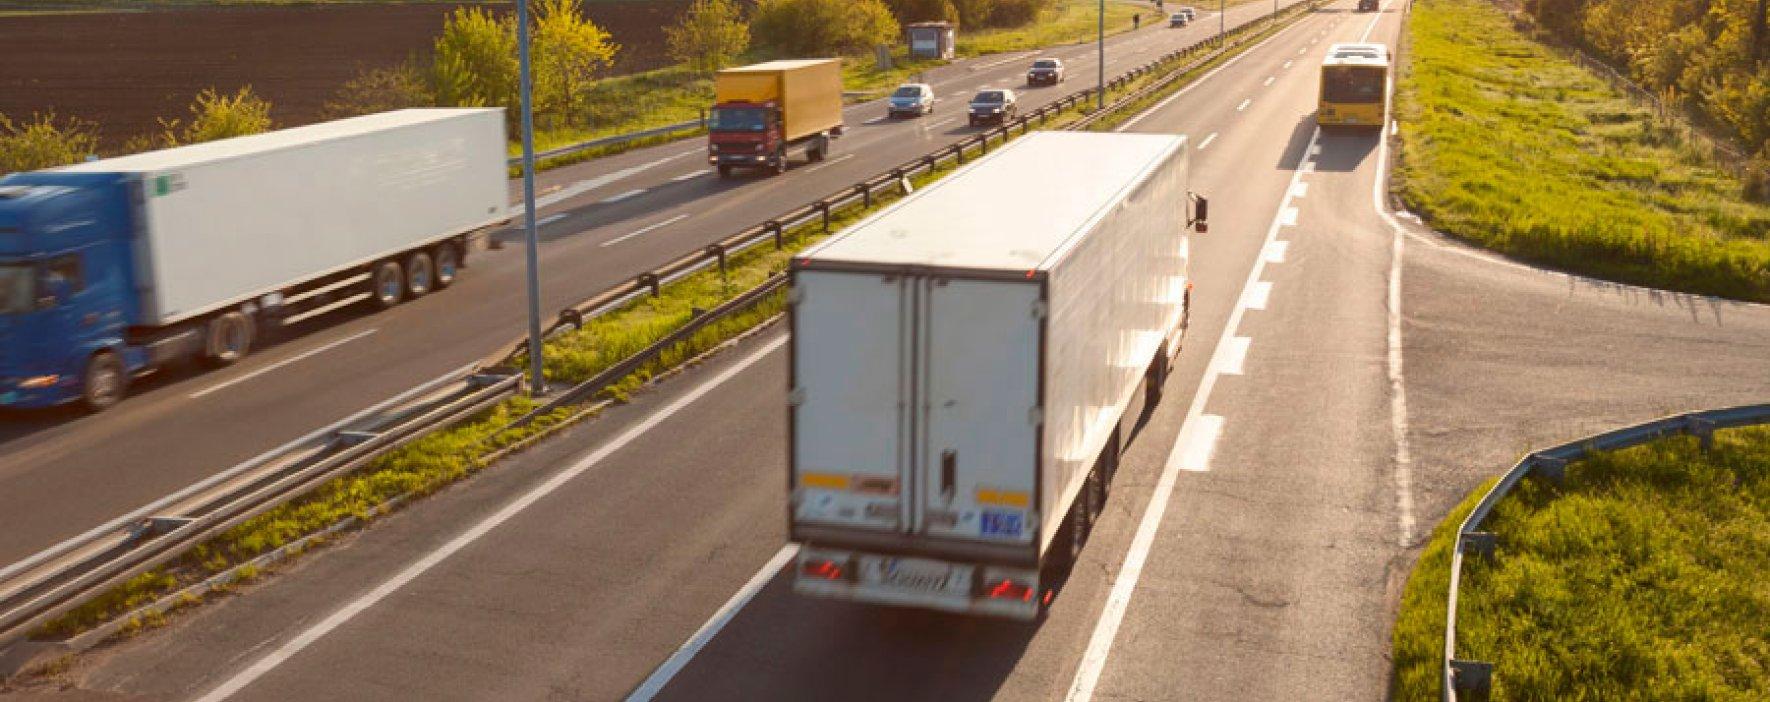 Infraestructura vial para el posconflicto